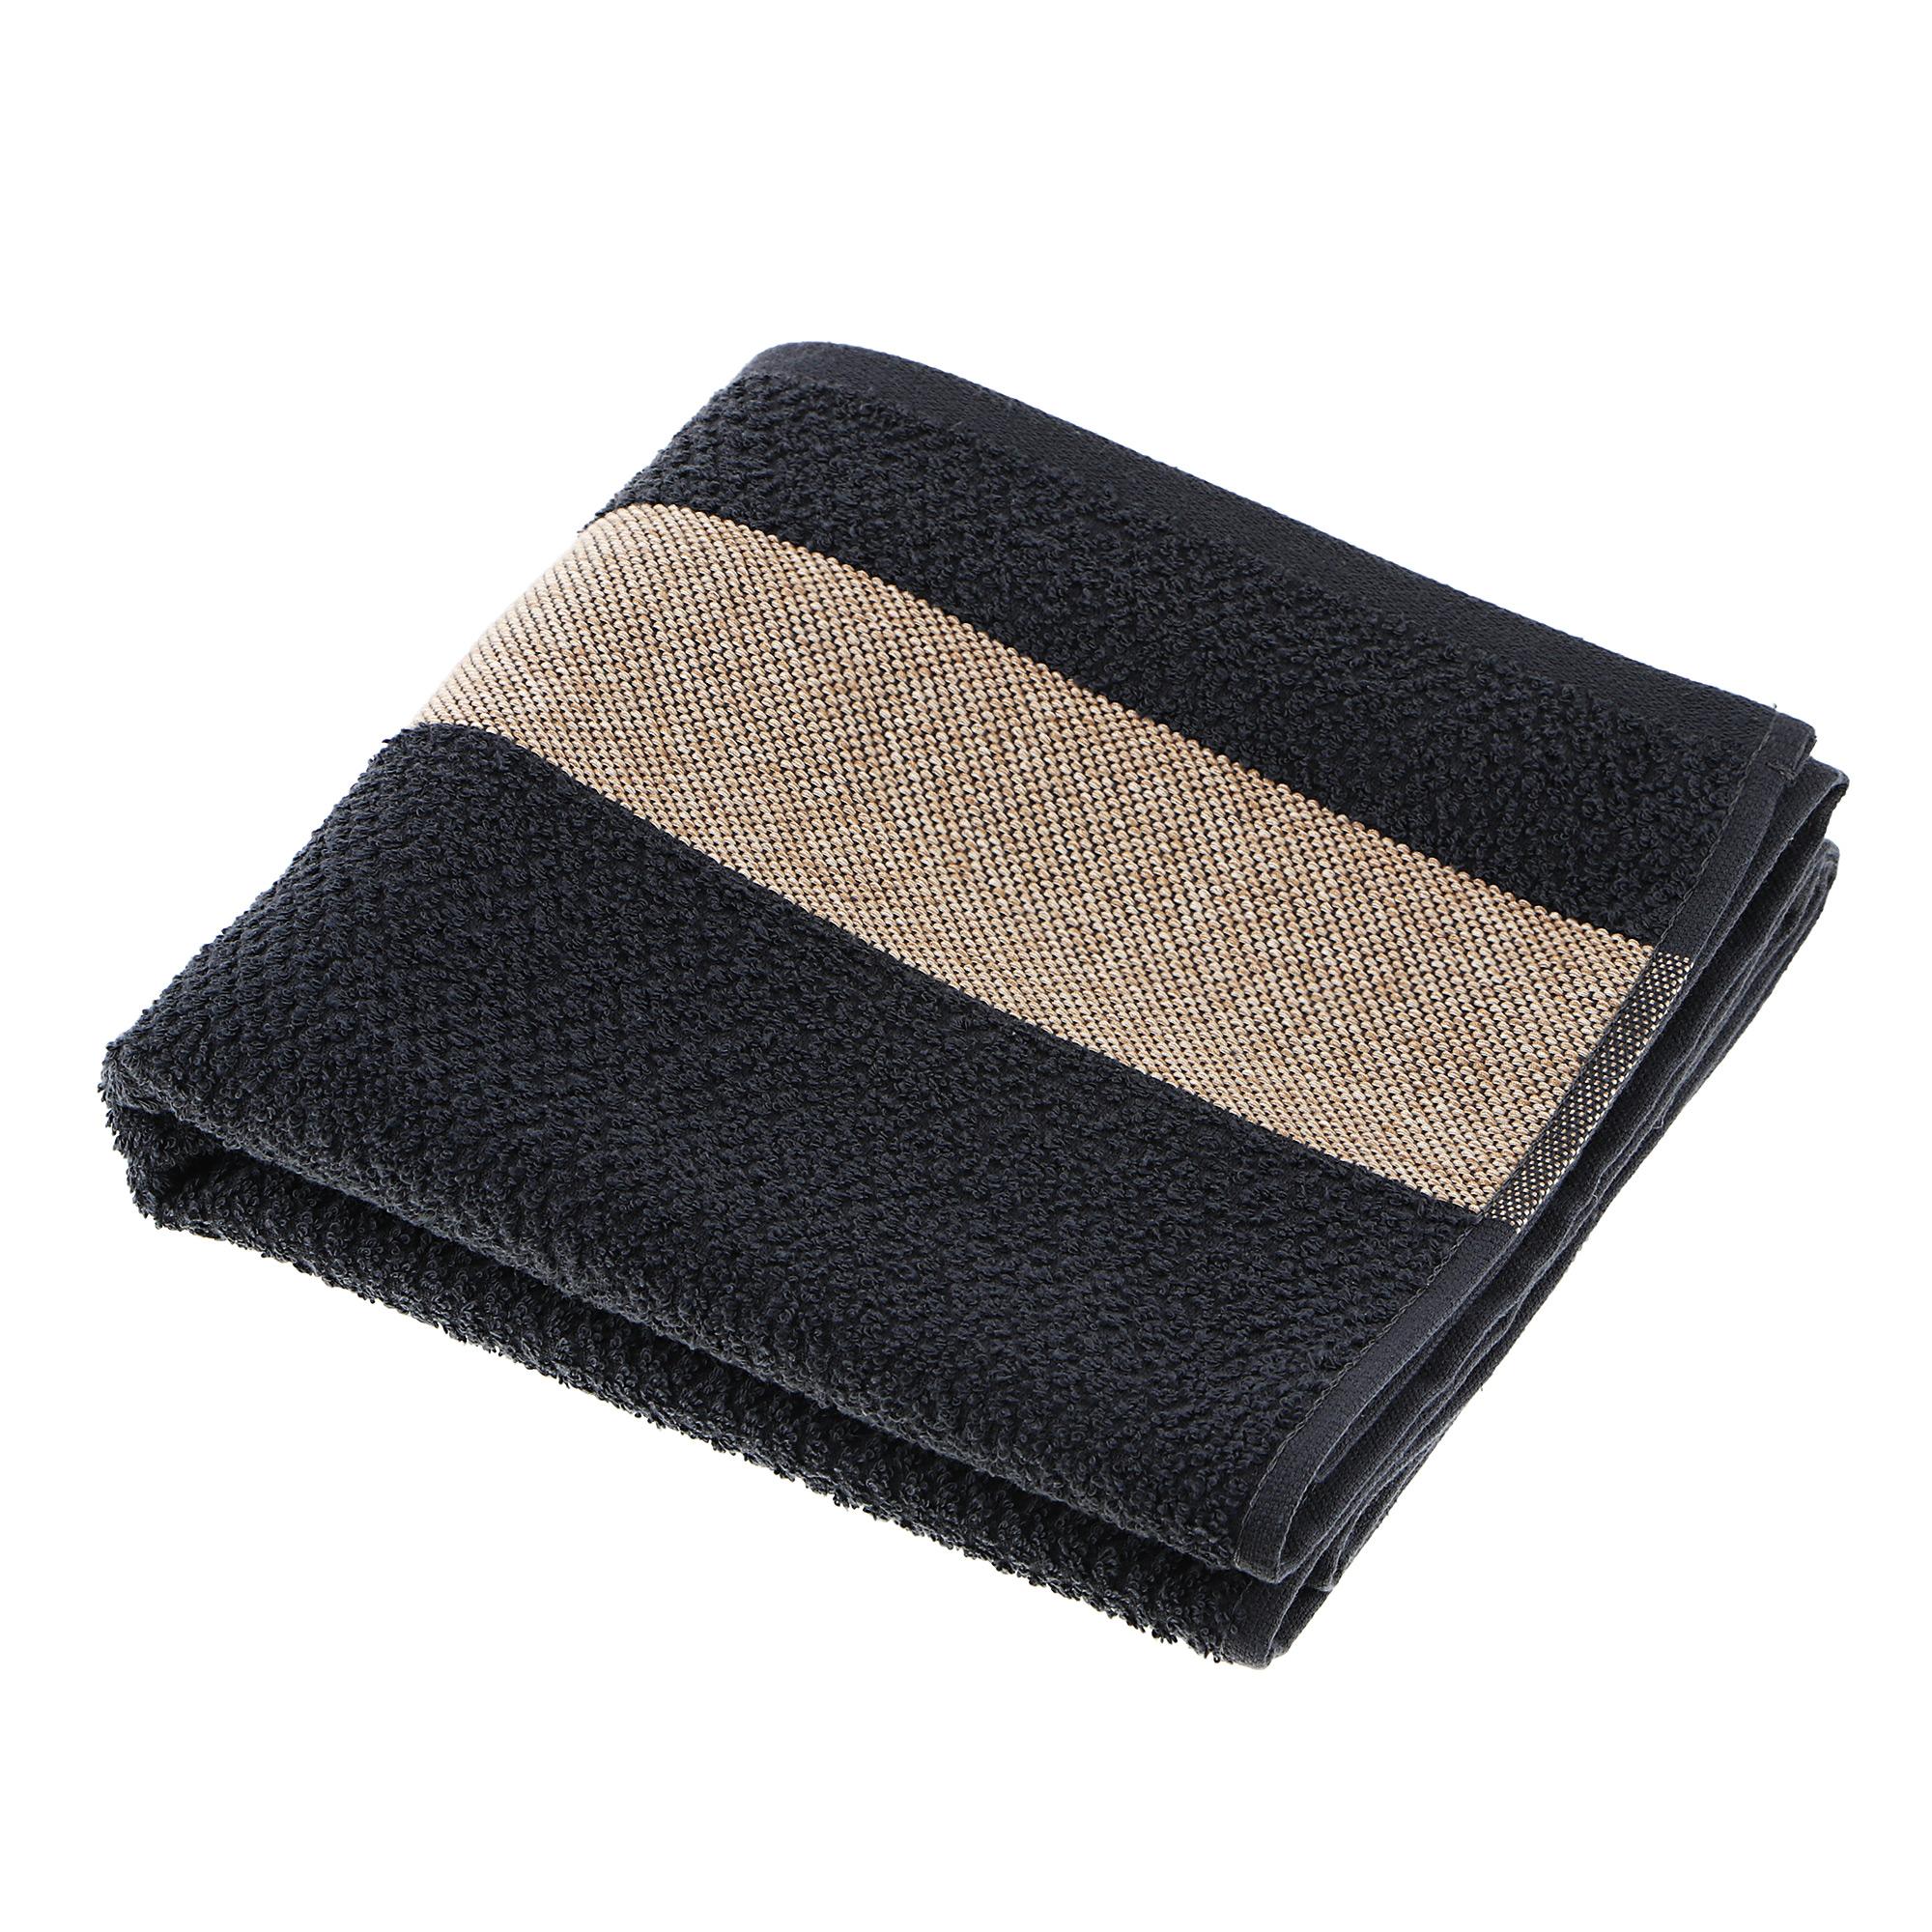 Полотенце махровое Asil woody 70x140 black.